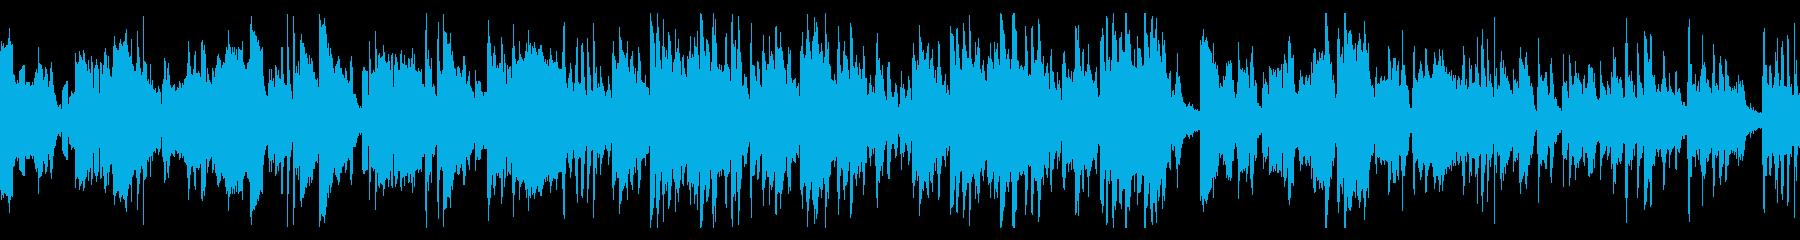 和やかな日常系バラードの再生済みの波形